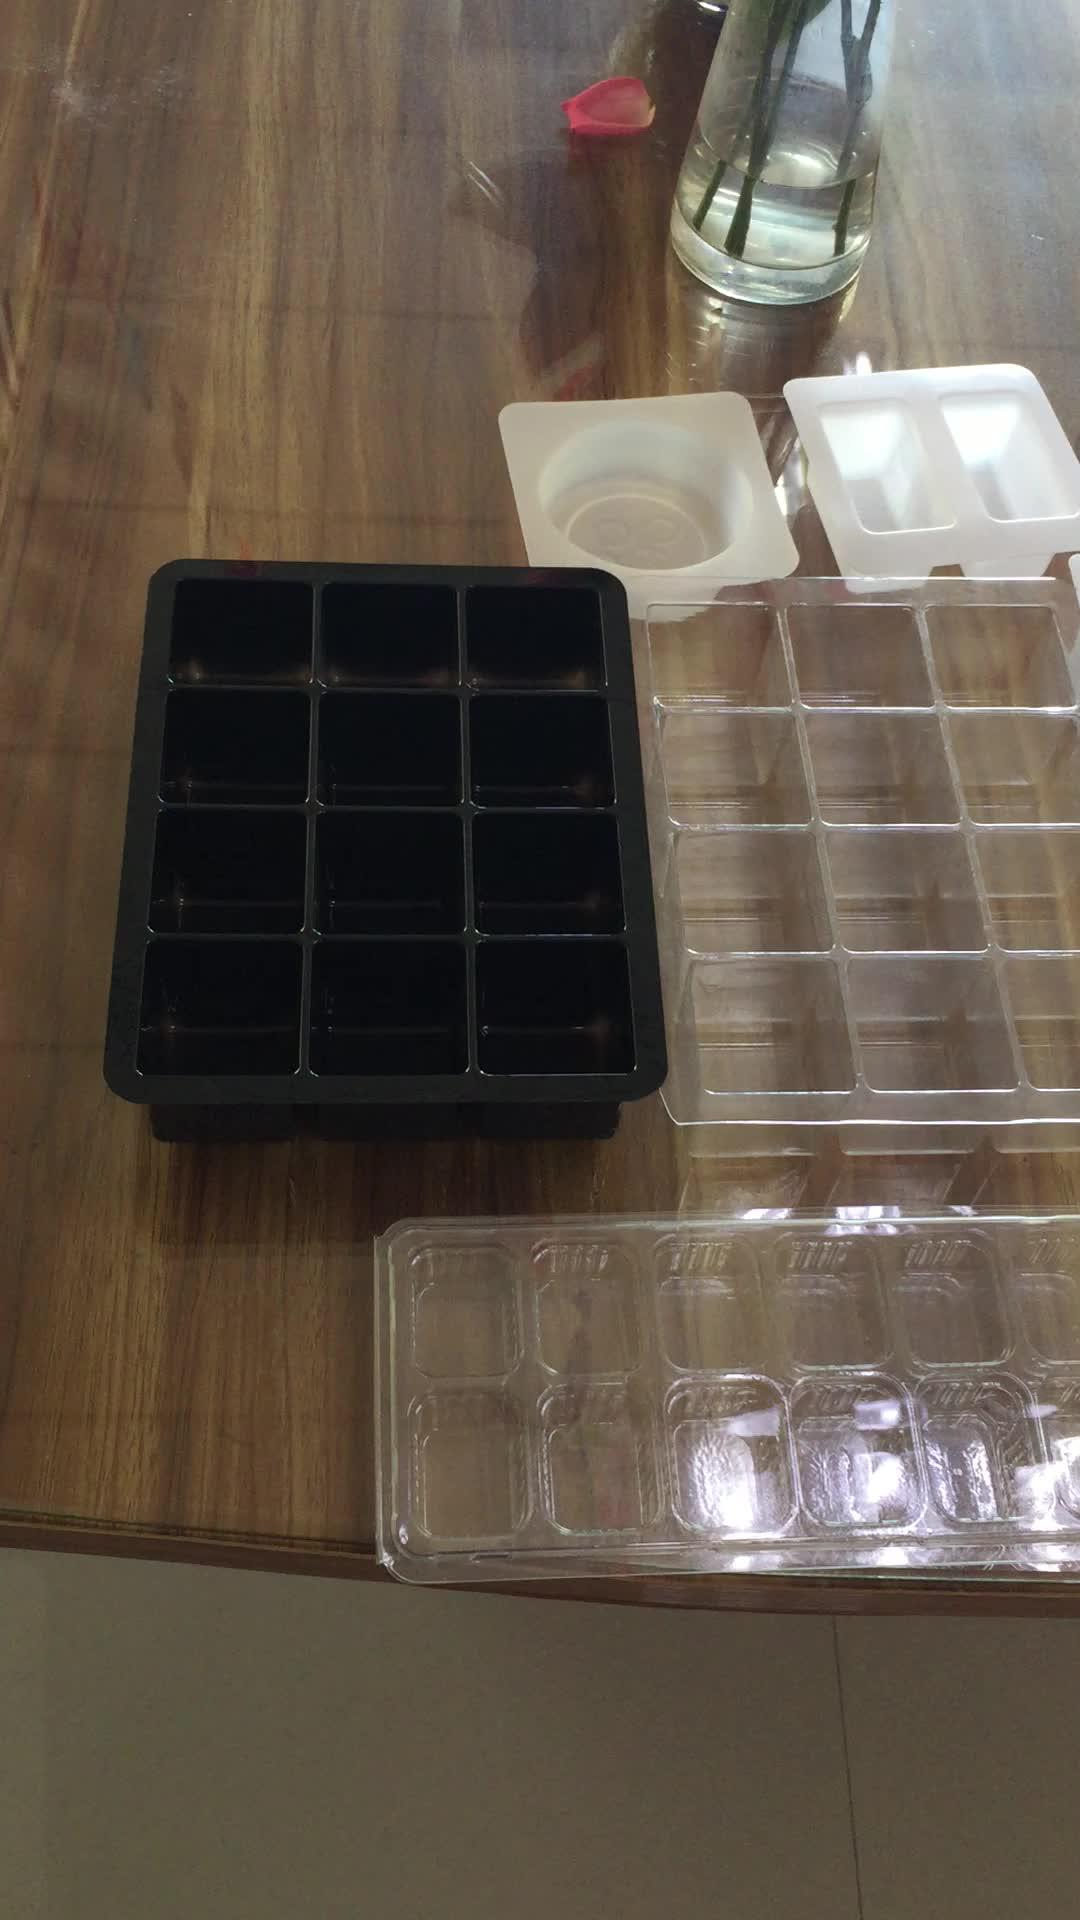 Réutilisable Clair BRICOLAGE Moule En Plastique De Qualité Alimentaire Bac À Glaçons